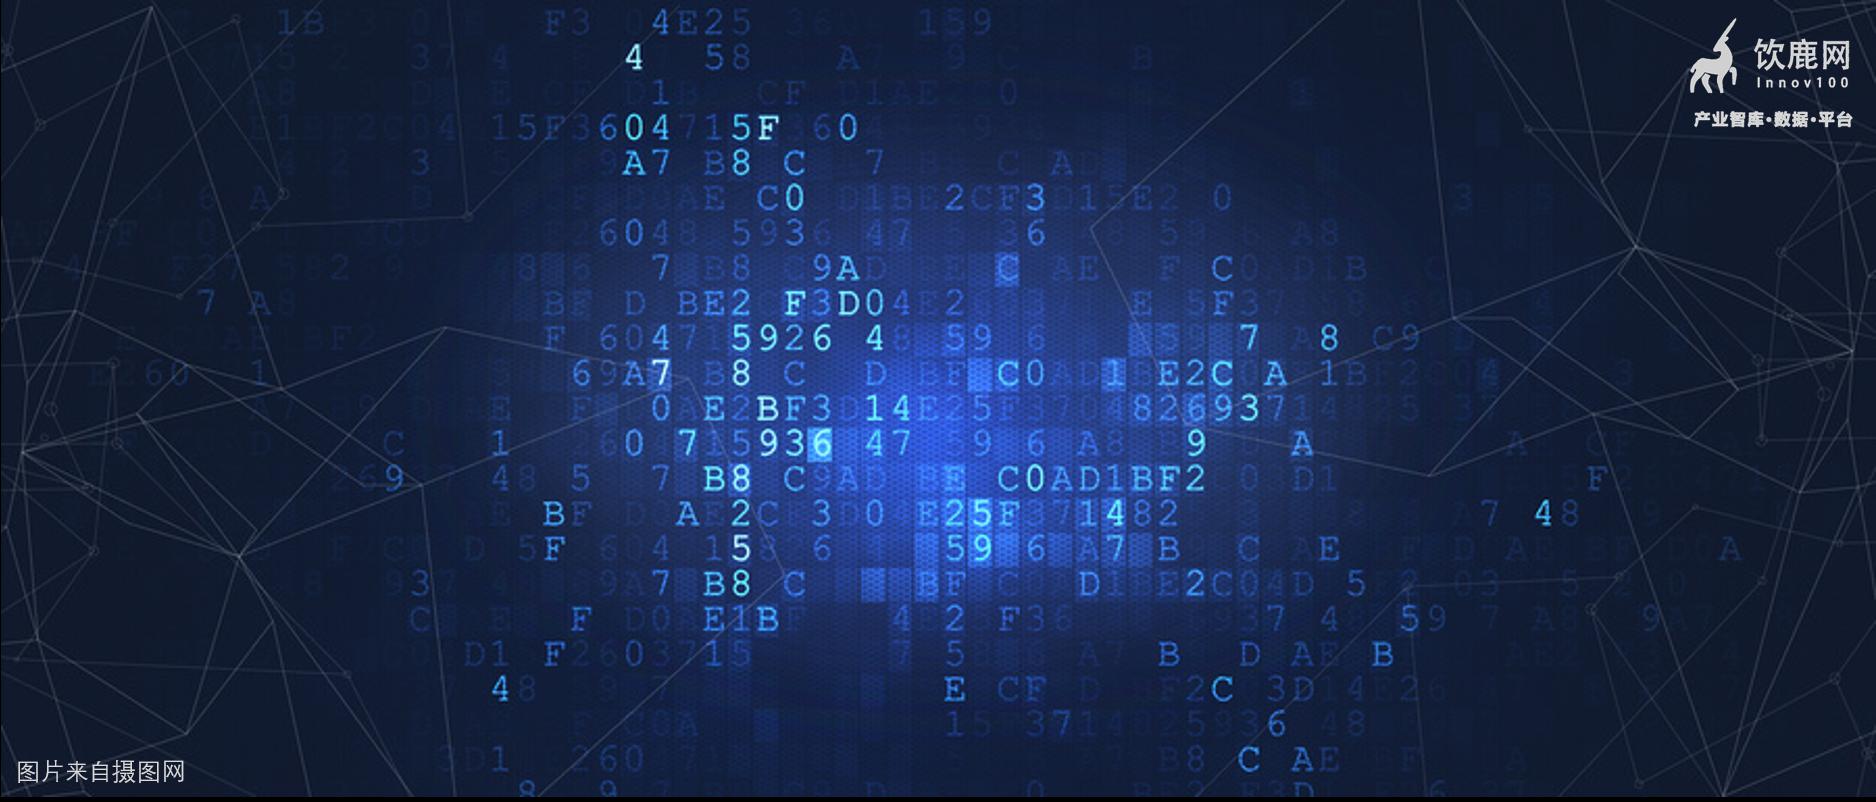 赛智时代:数据要素市场化配置-数据交易发展研究